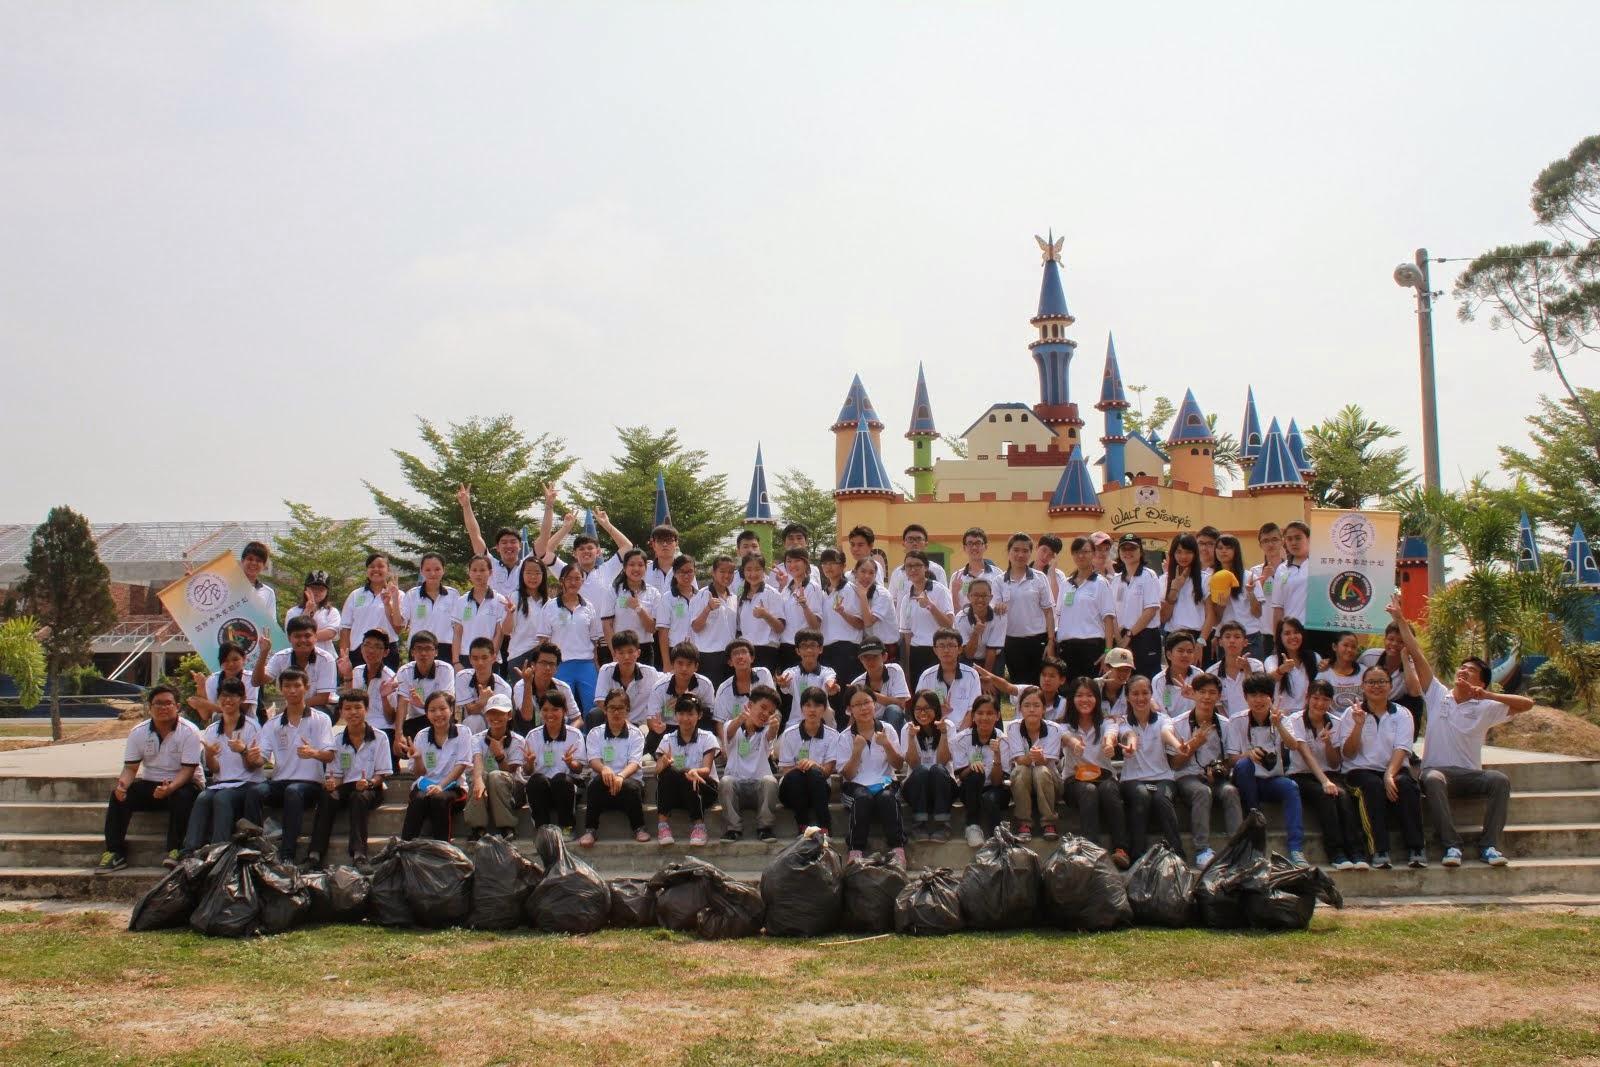 卓越青年参与捡垃圾社区服务 7月/2014